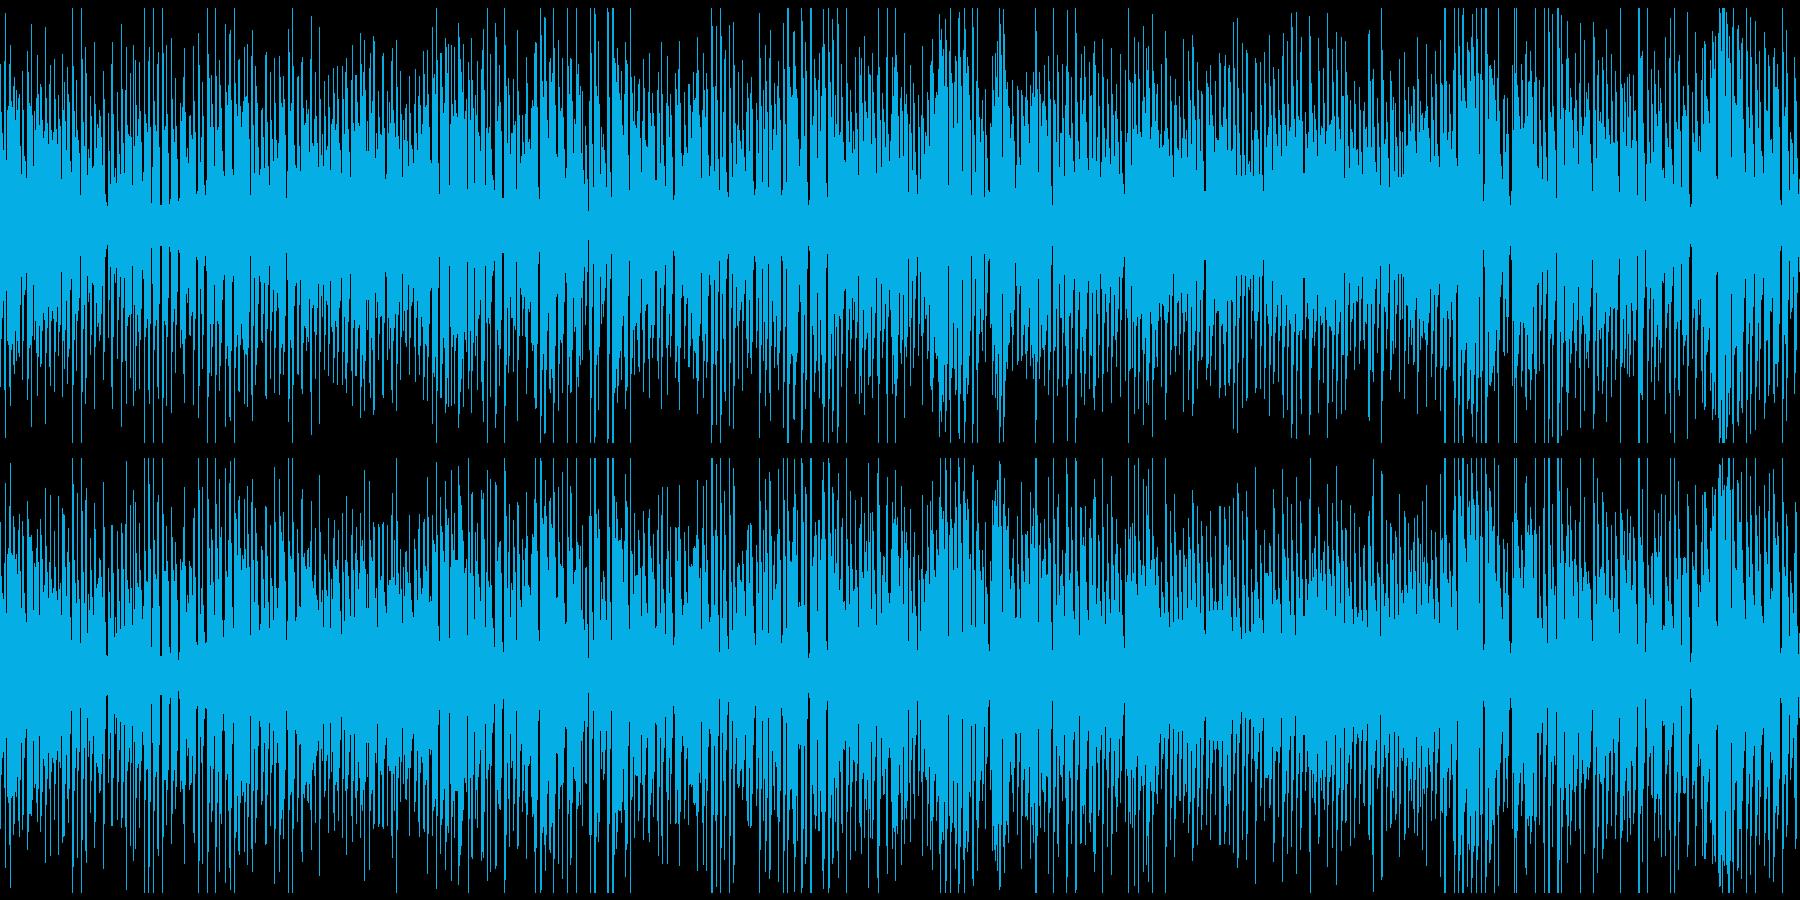 レトロジャズ、ジプシースイング※ループ版の再生済みの波形